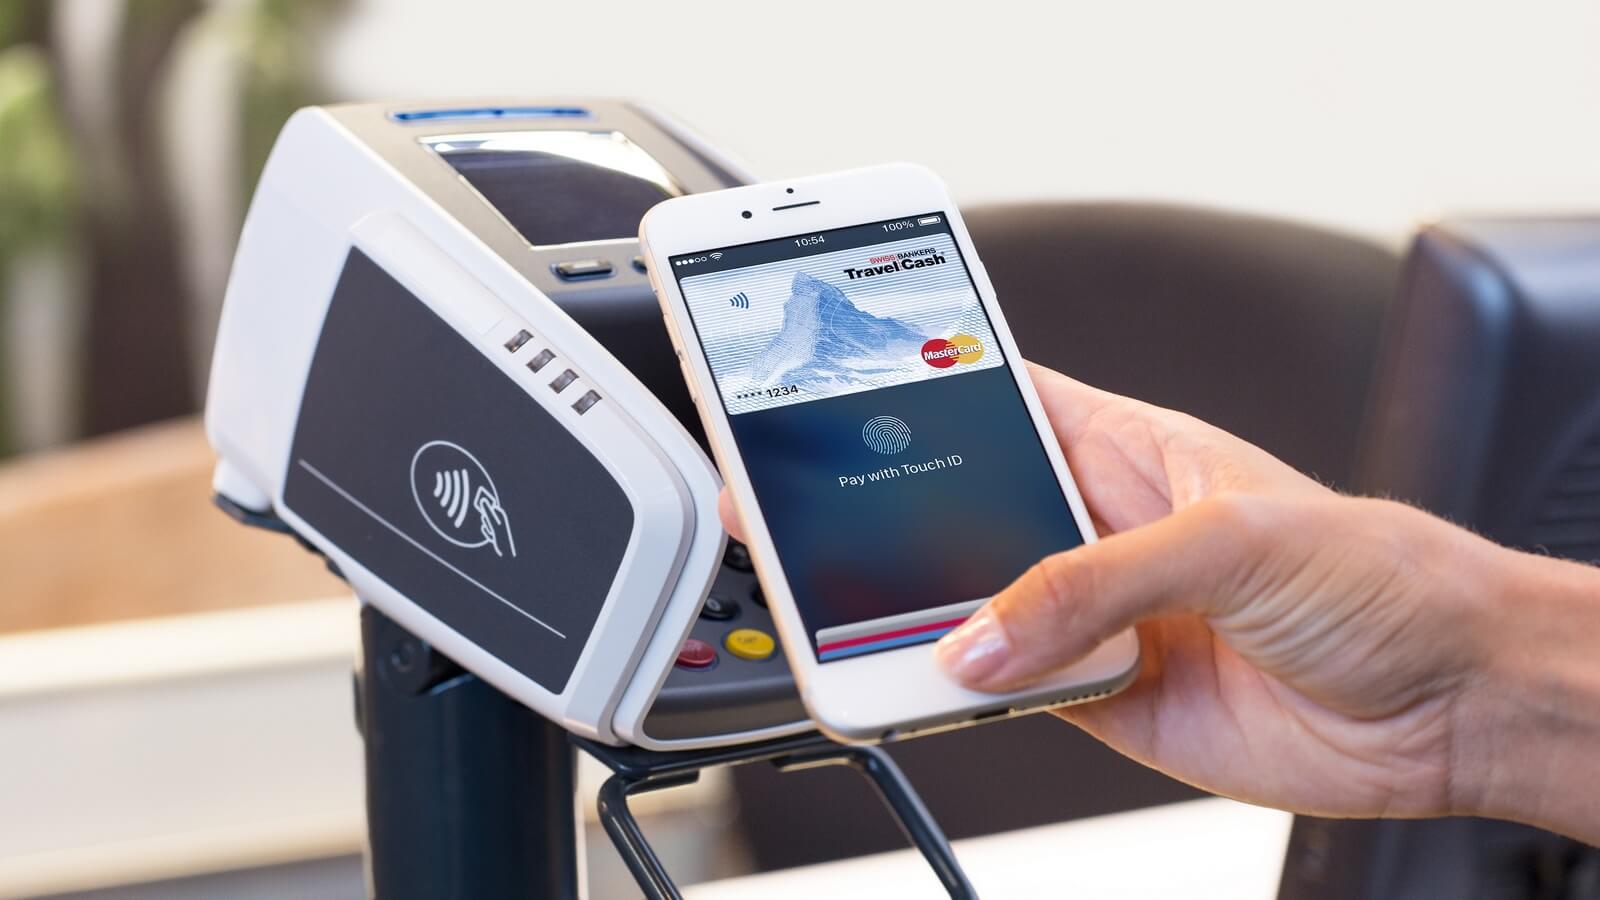 Только 16% владельцев iPhone пользуются Apple Pay